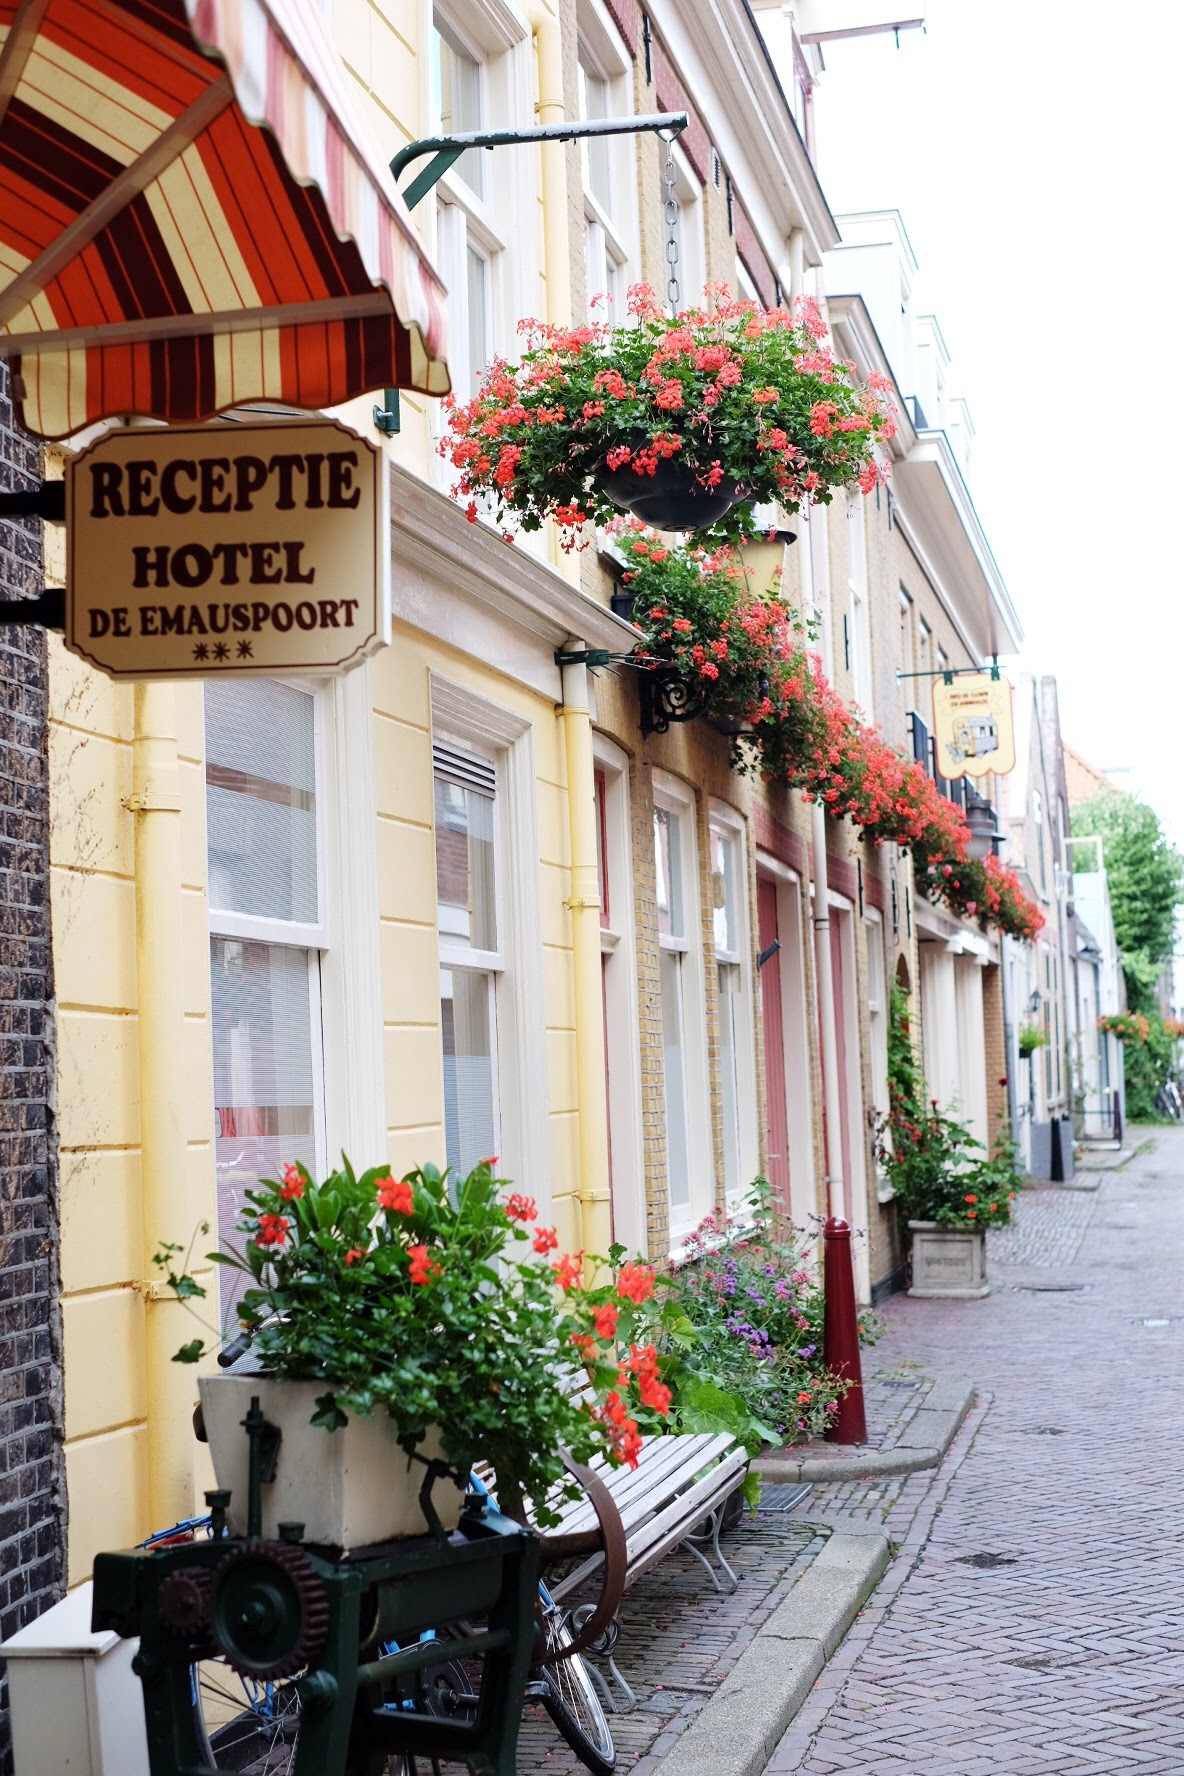 Delft Netherlands